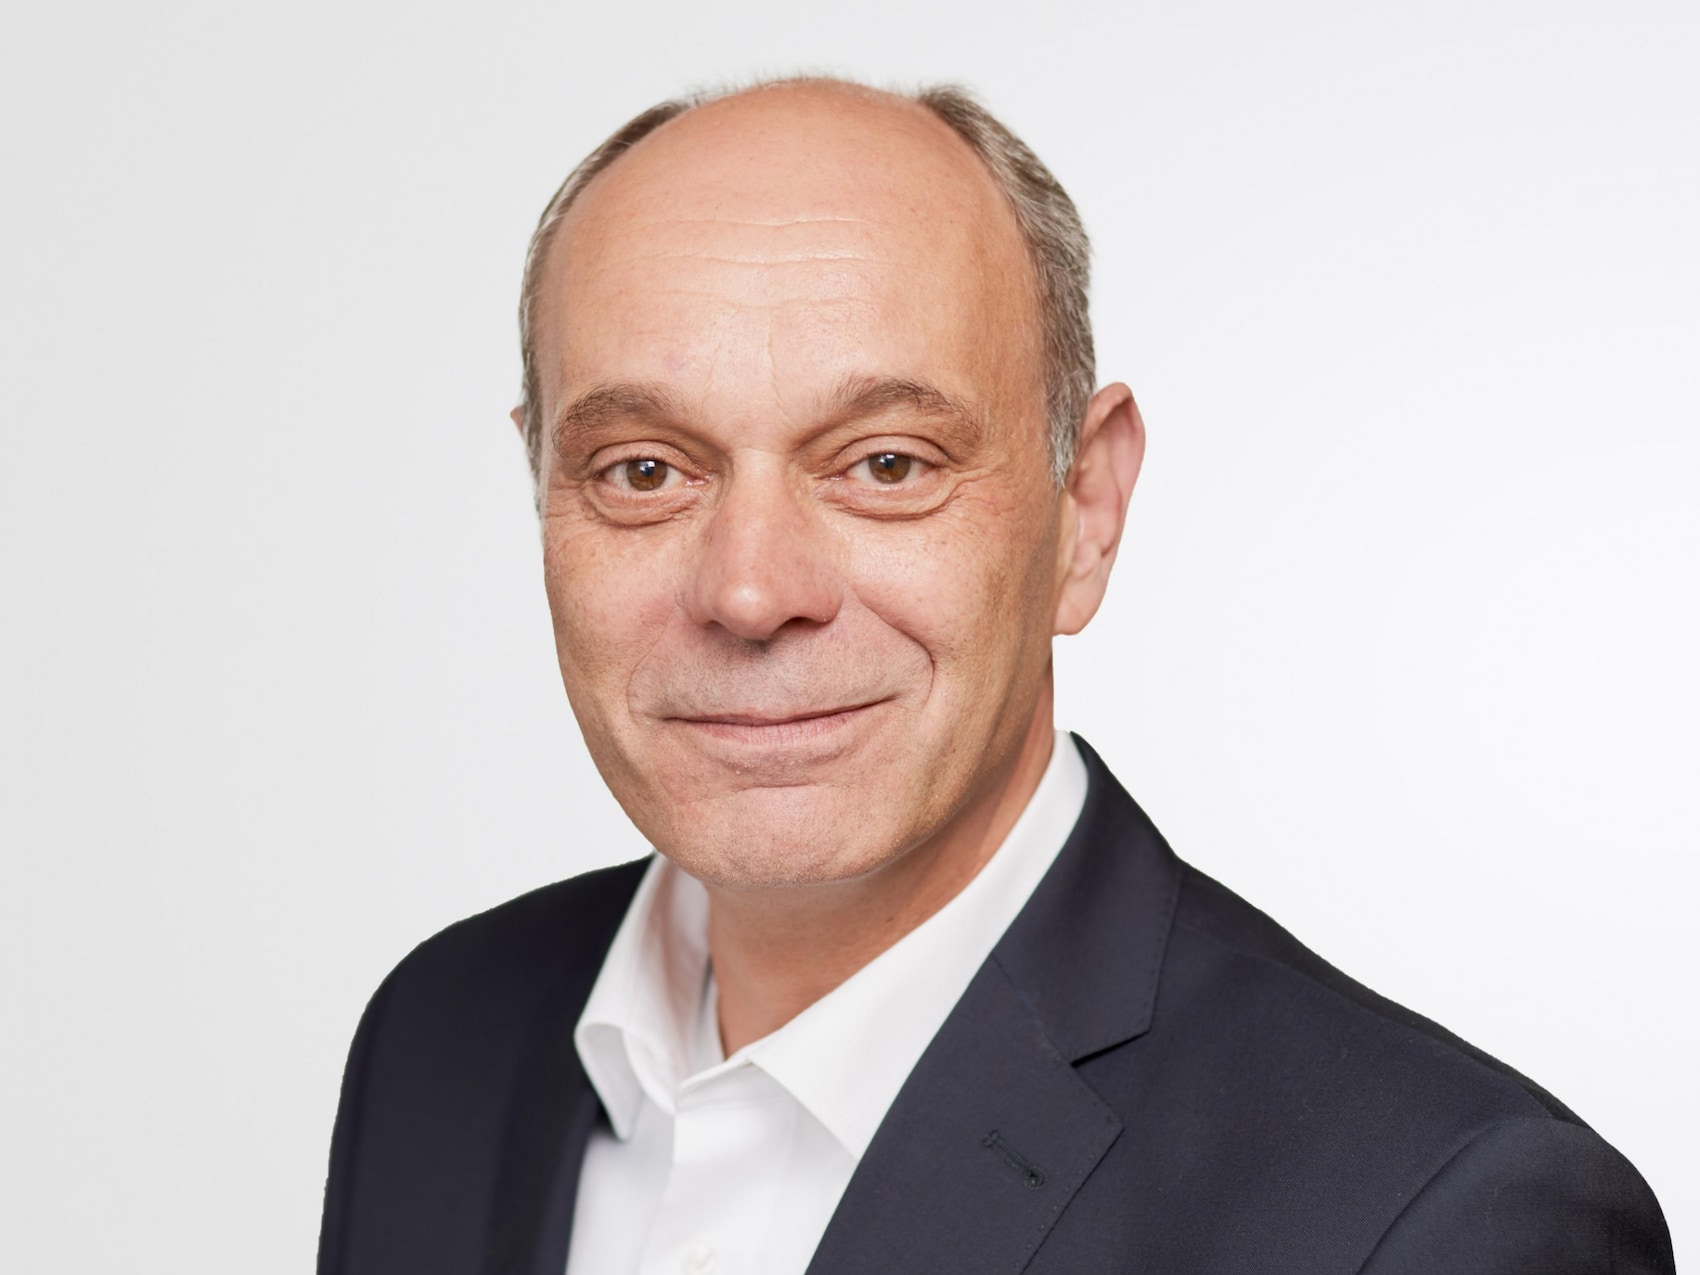 Christian Eickholt